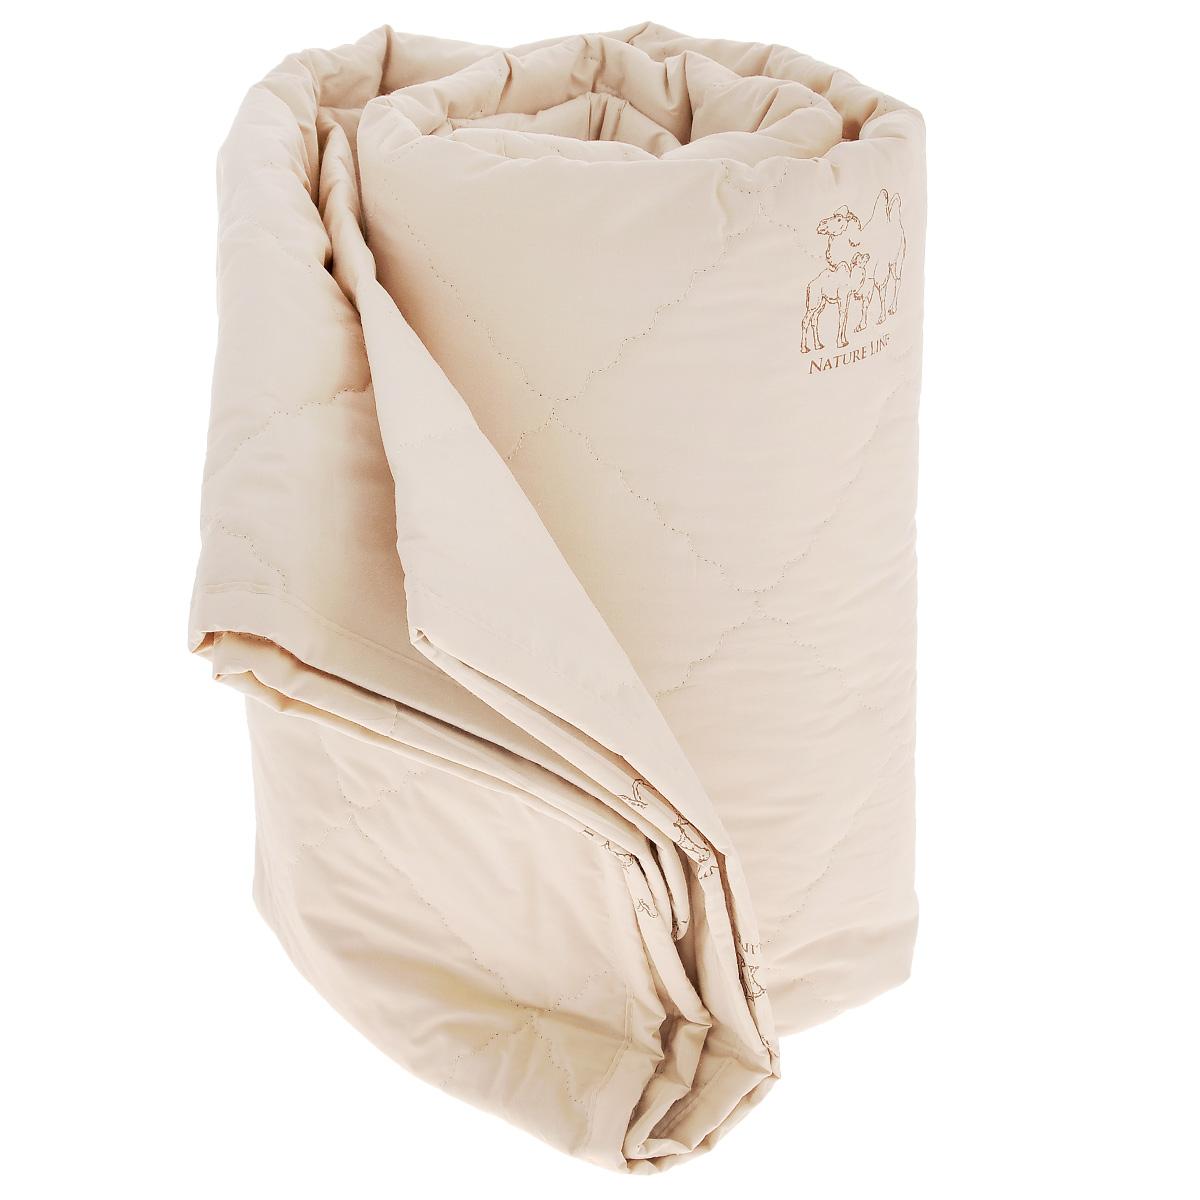 """Одеяло La Prima """"Верблюжья шерсть"""", наполнитель: верблюжья шерсть, полиэфирное волокно, цвет: темно-бежевый, 140 см х 205 см 1080/0224886"""